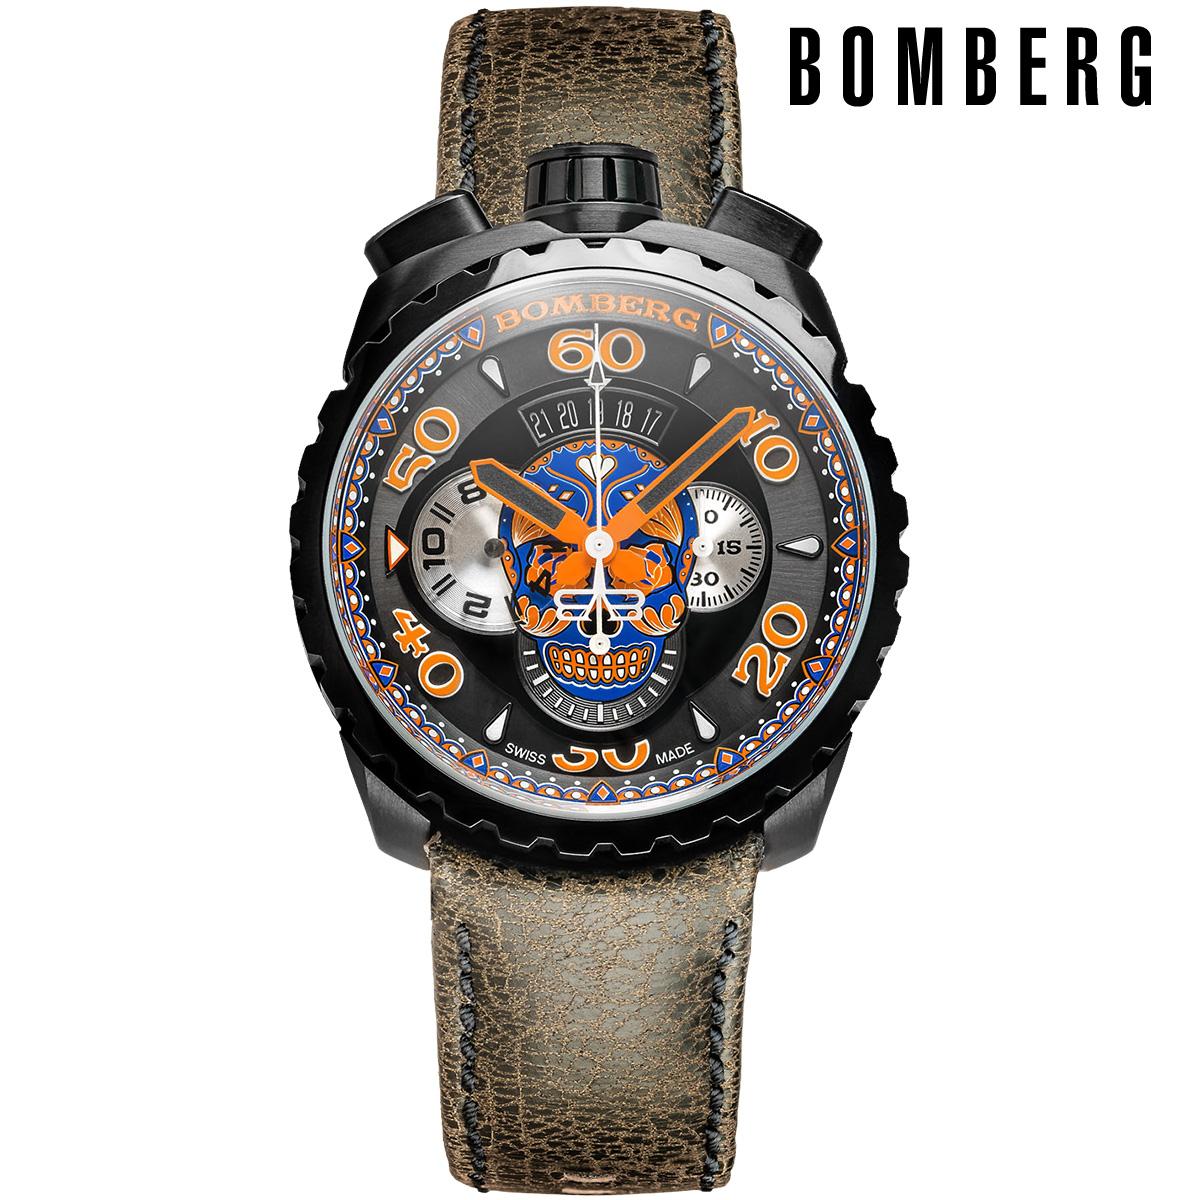 【全品送料無料】 ボンバーグ BOMBERG ブルースカル ボルト68 BOLT-68 bs45chpba-051-3 メンズ 時計 腕時計